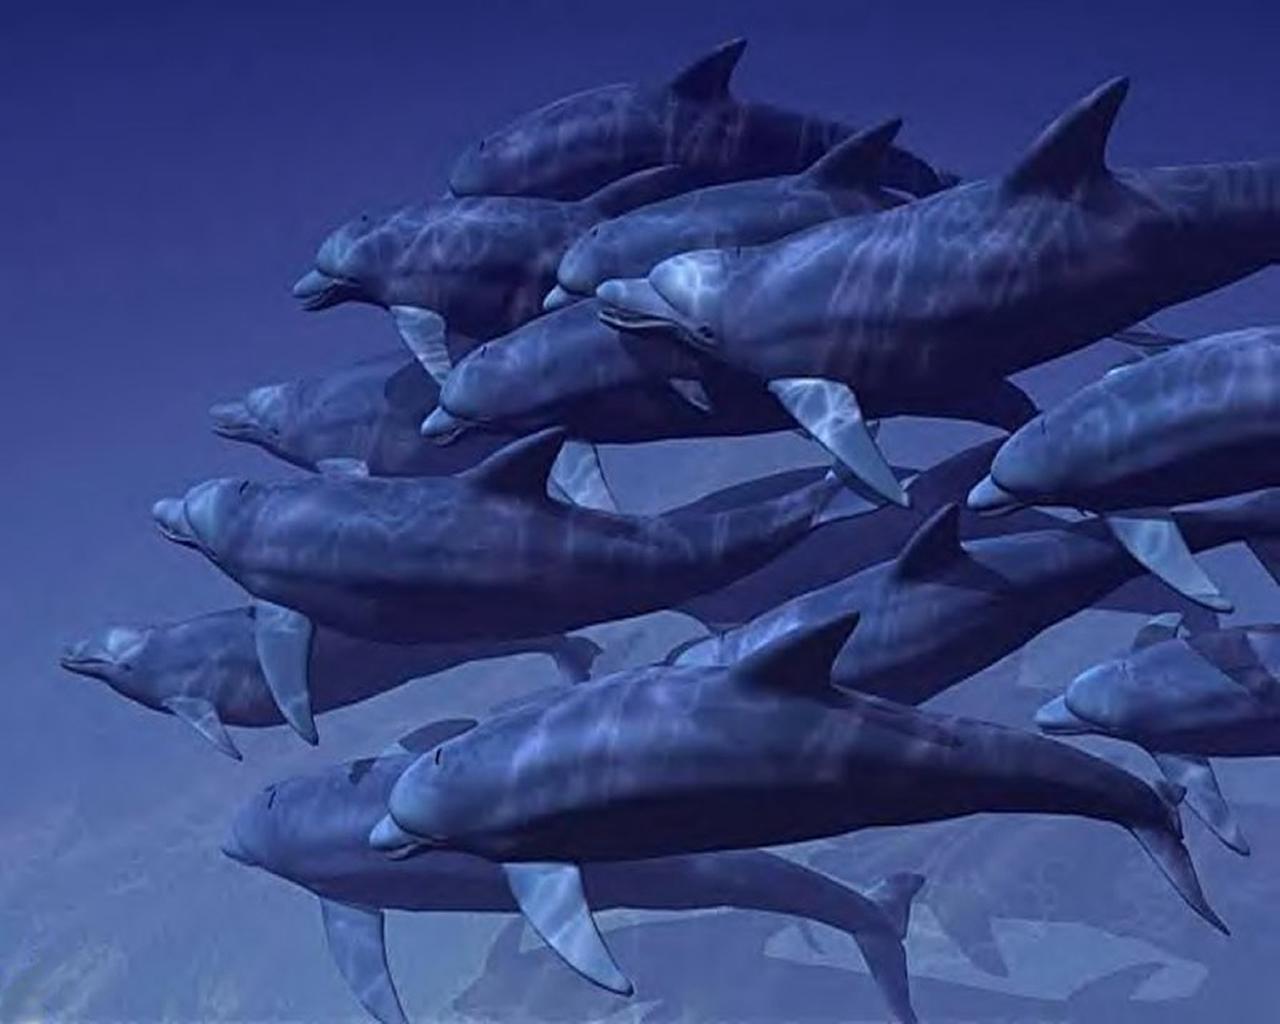 download wallpaper: een school dolfijnen wallpaper